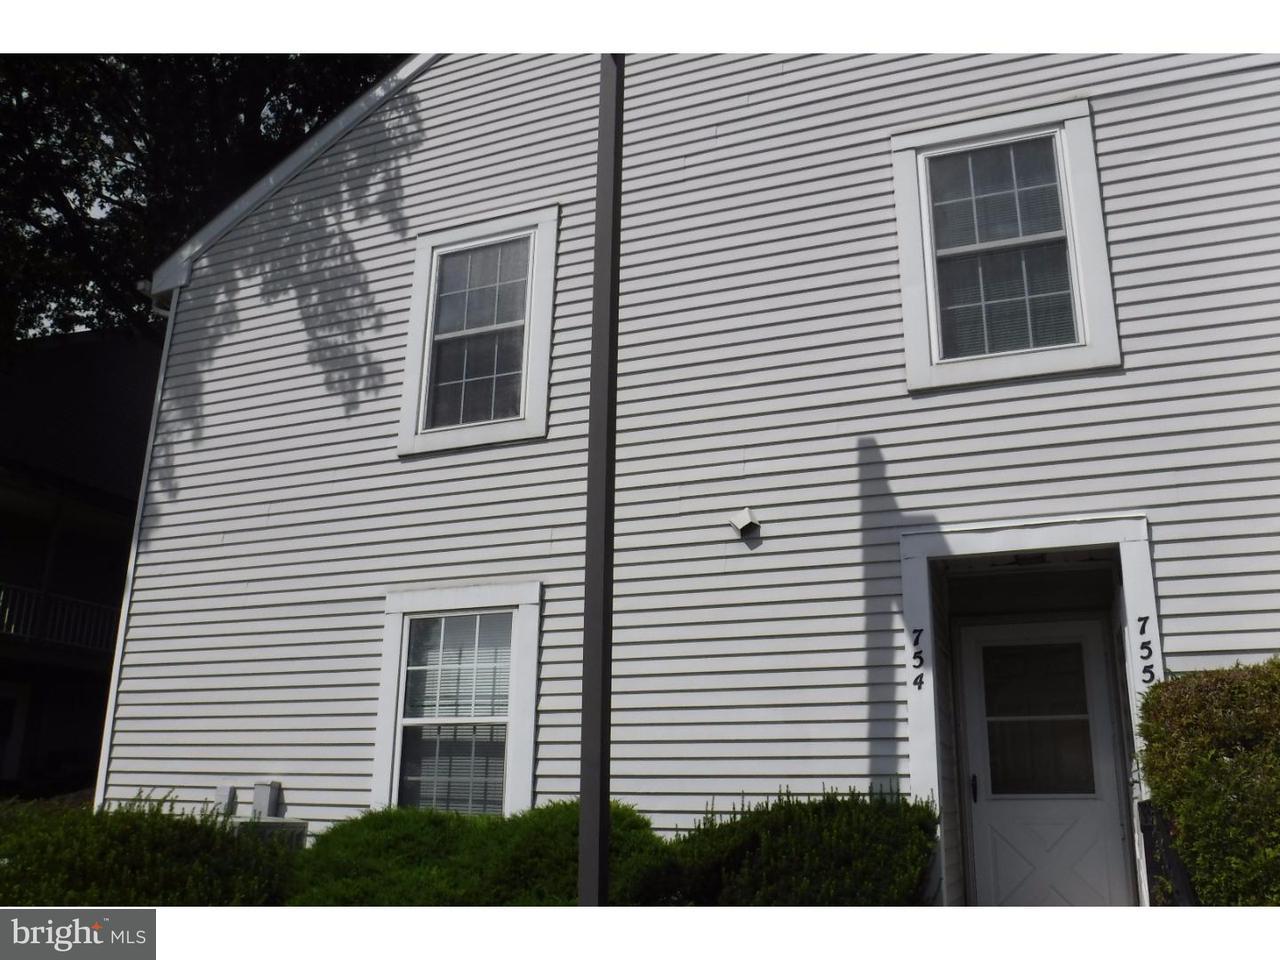 Casa unifamiliar adosada (Townhouse) por un Alquiler en 754 E PARKER ST #B1 Langhorne, Pennsylvania 19047 Estados Unidos